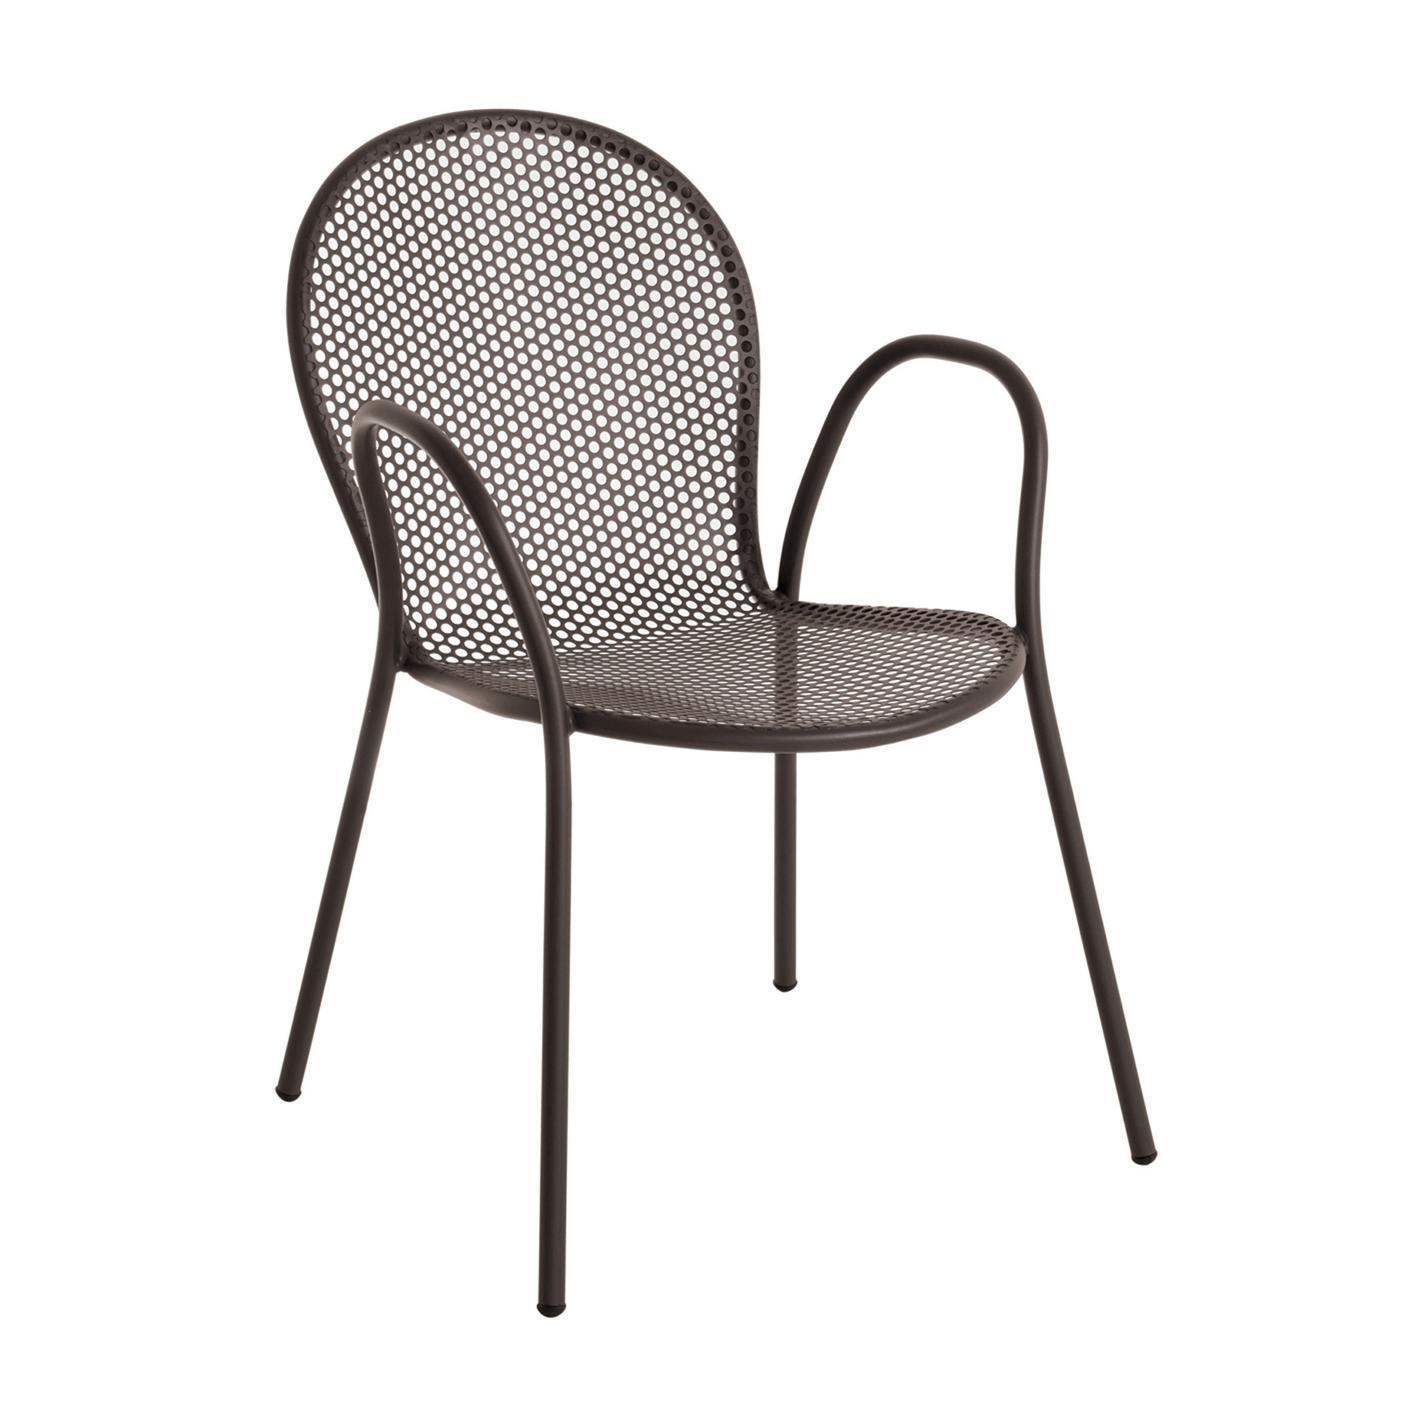 Sedia con braccioli senza cuscino Pavesino OASI BY EMU colore avana - 4